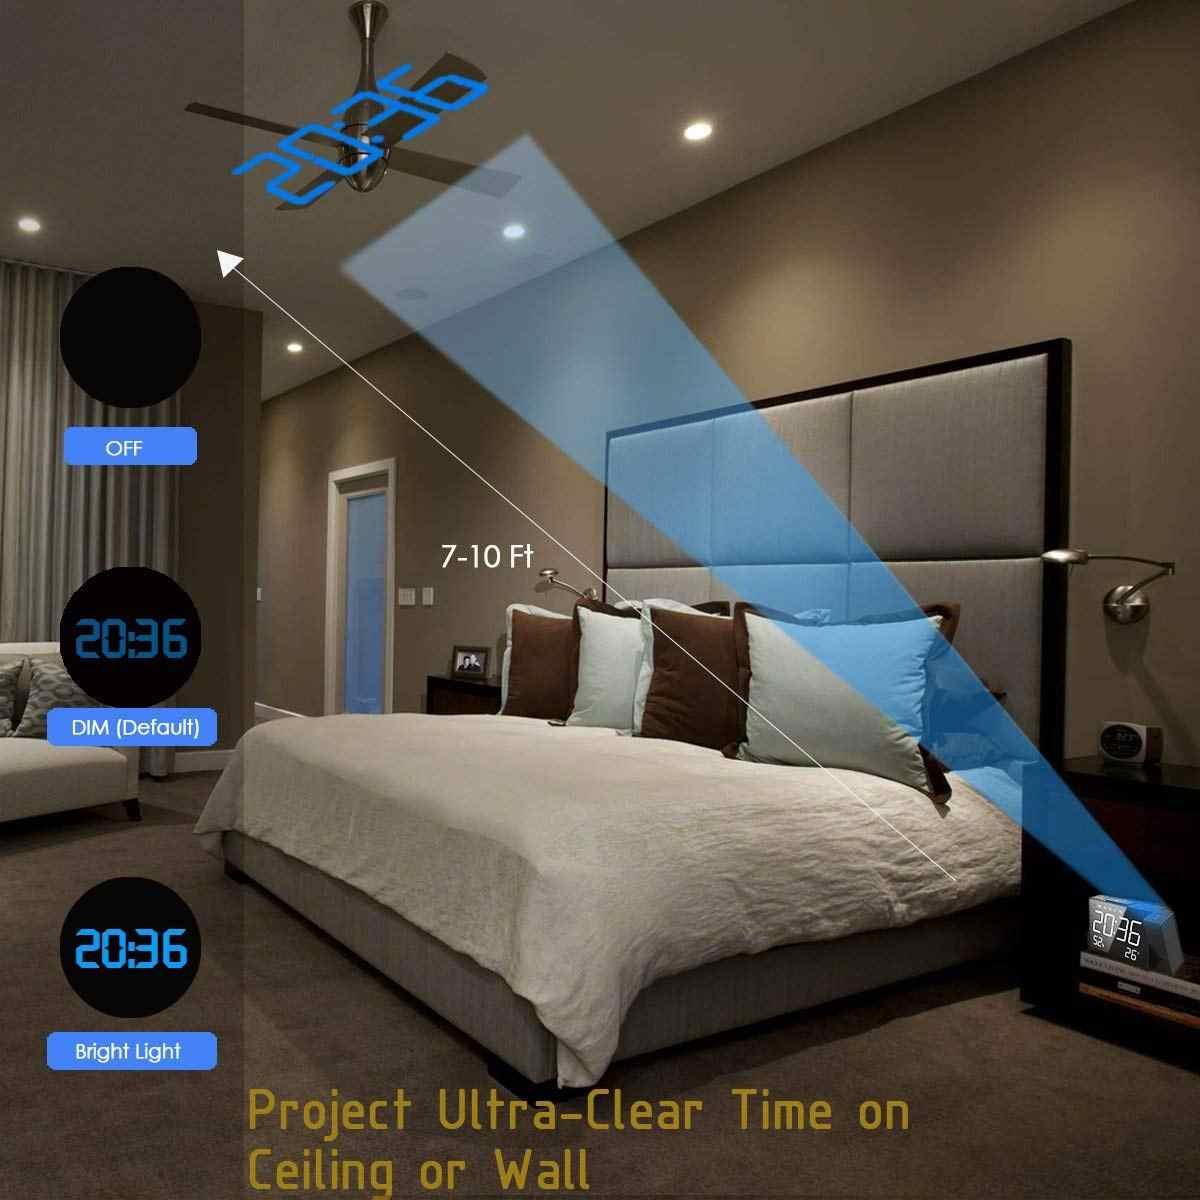 Проекционный Будильник цифровой fm-радио двойной будильник громкость Повтор Время Влажность температурный дисплей мульти-функциональные светодиодные часы